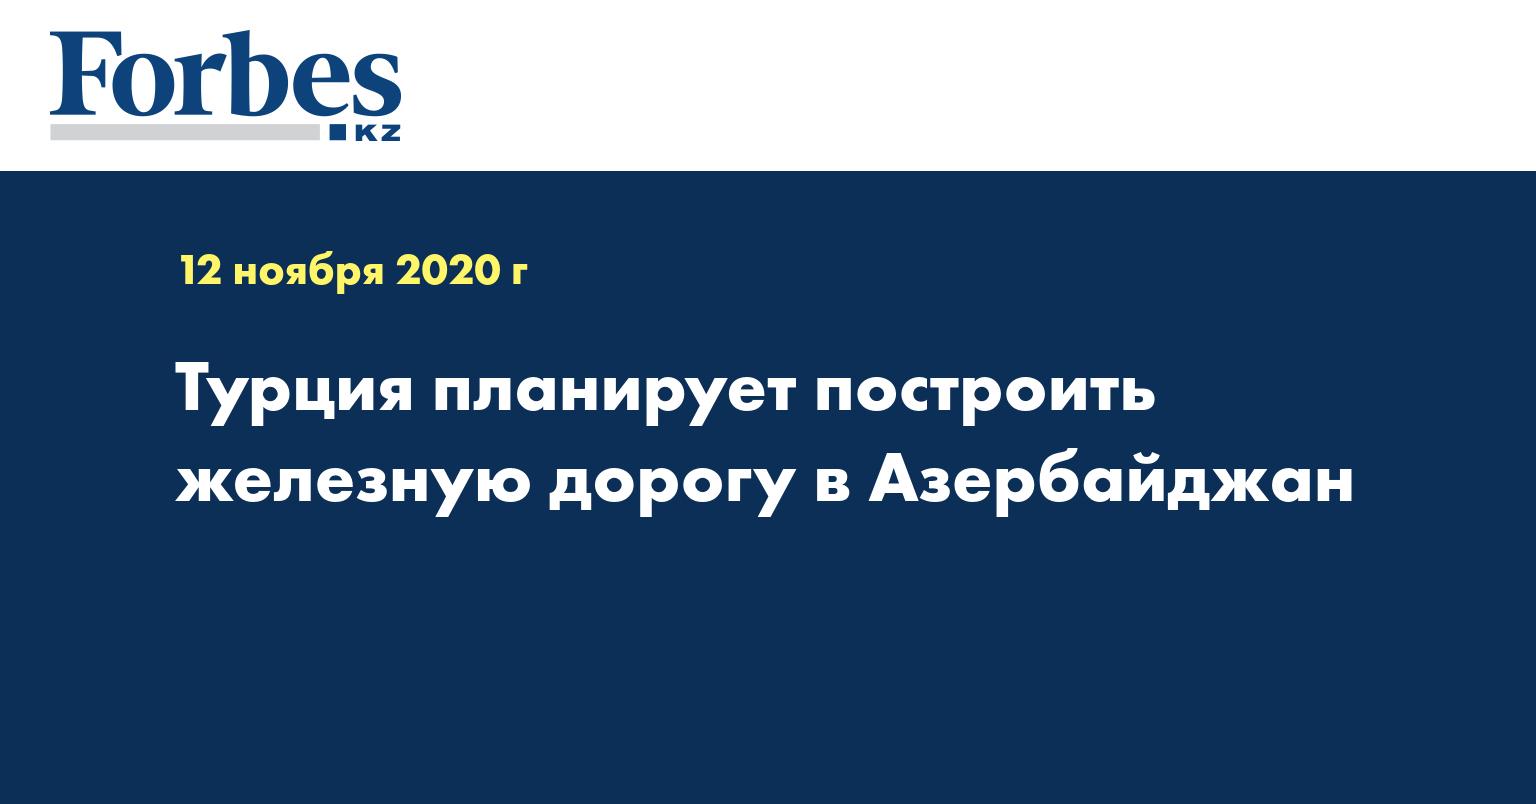 Турция планирует построить железную дорогу в Азербайджан